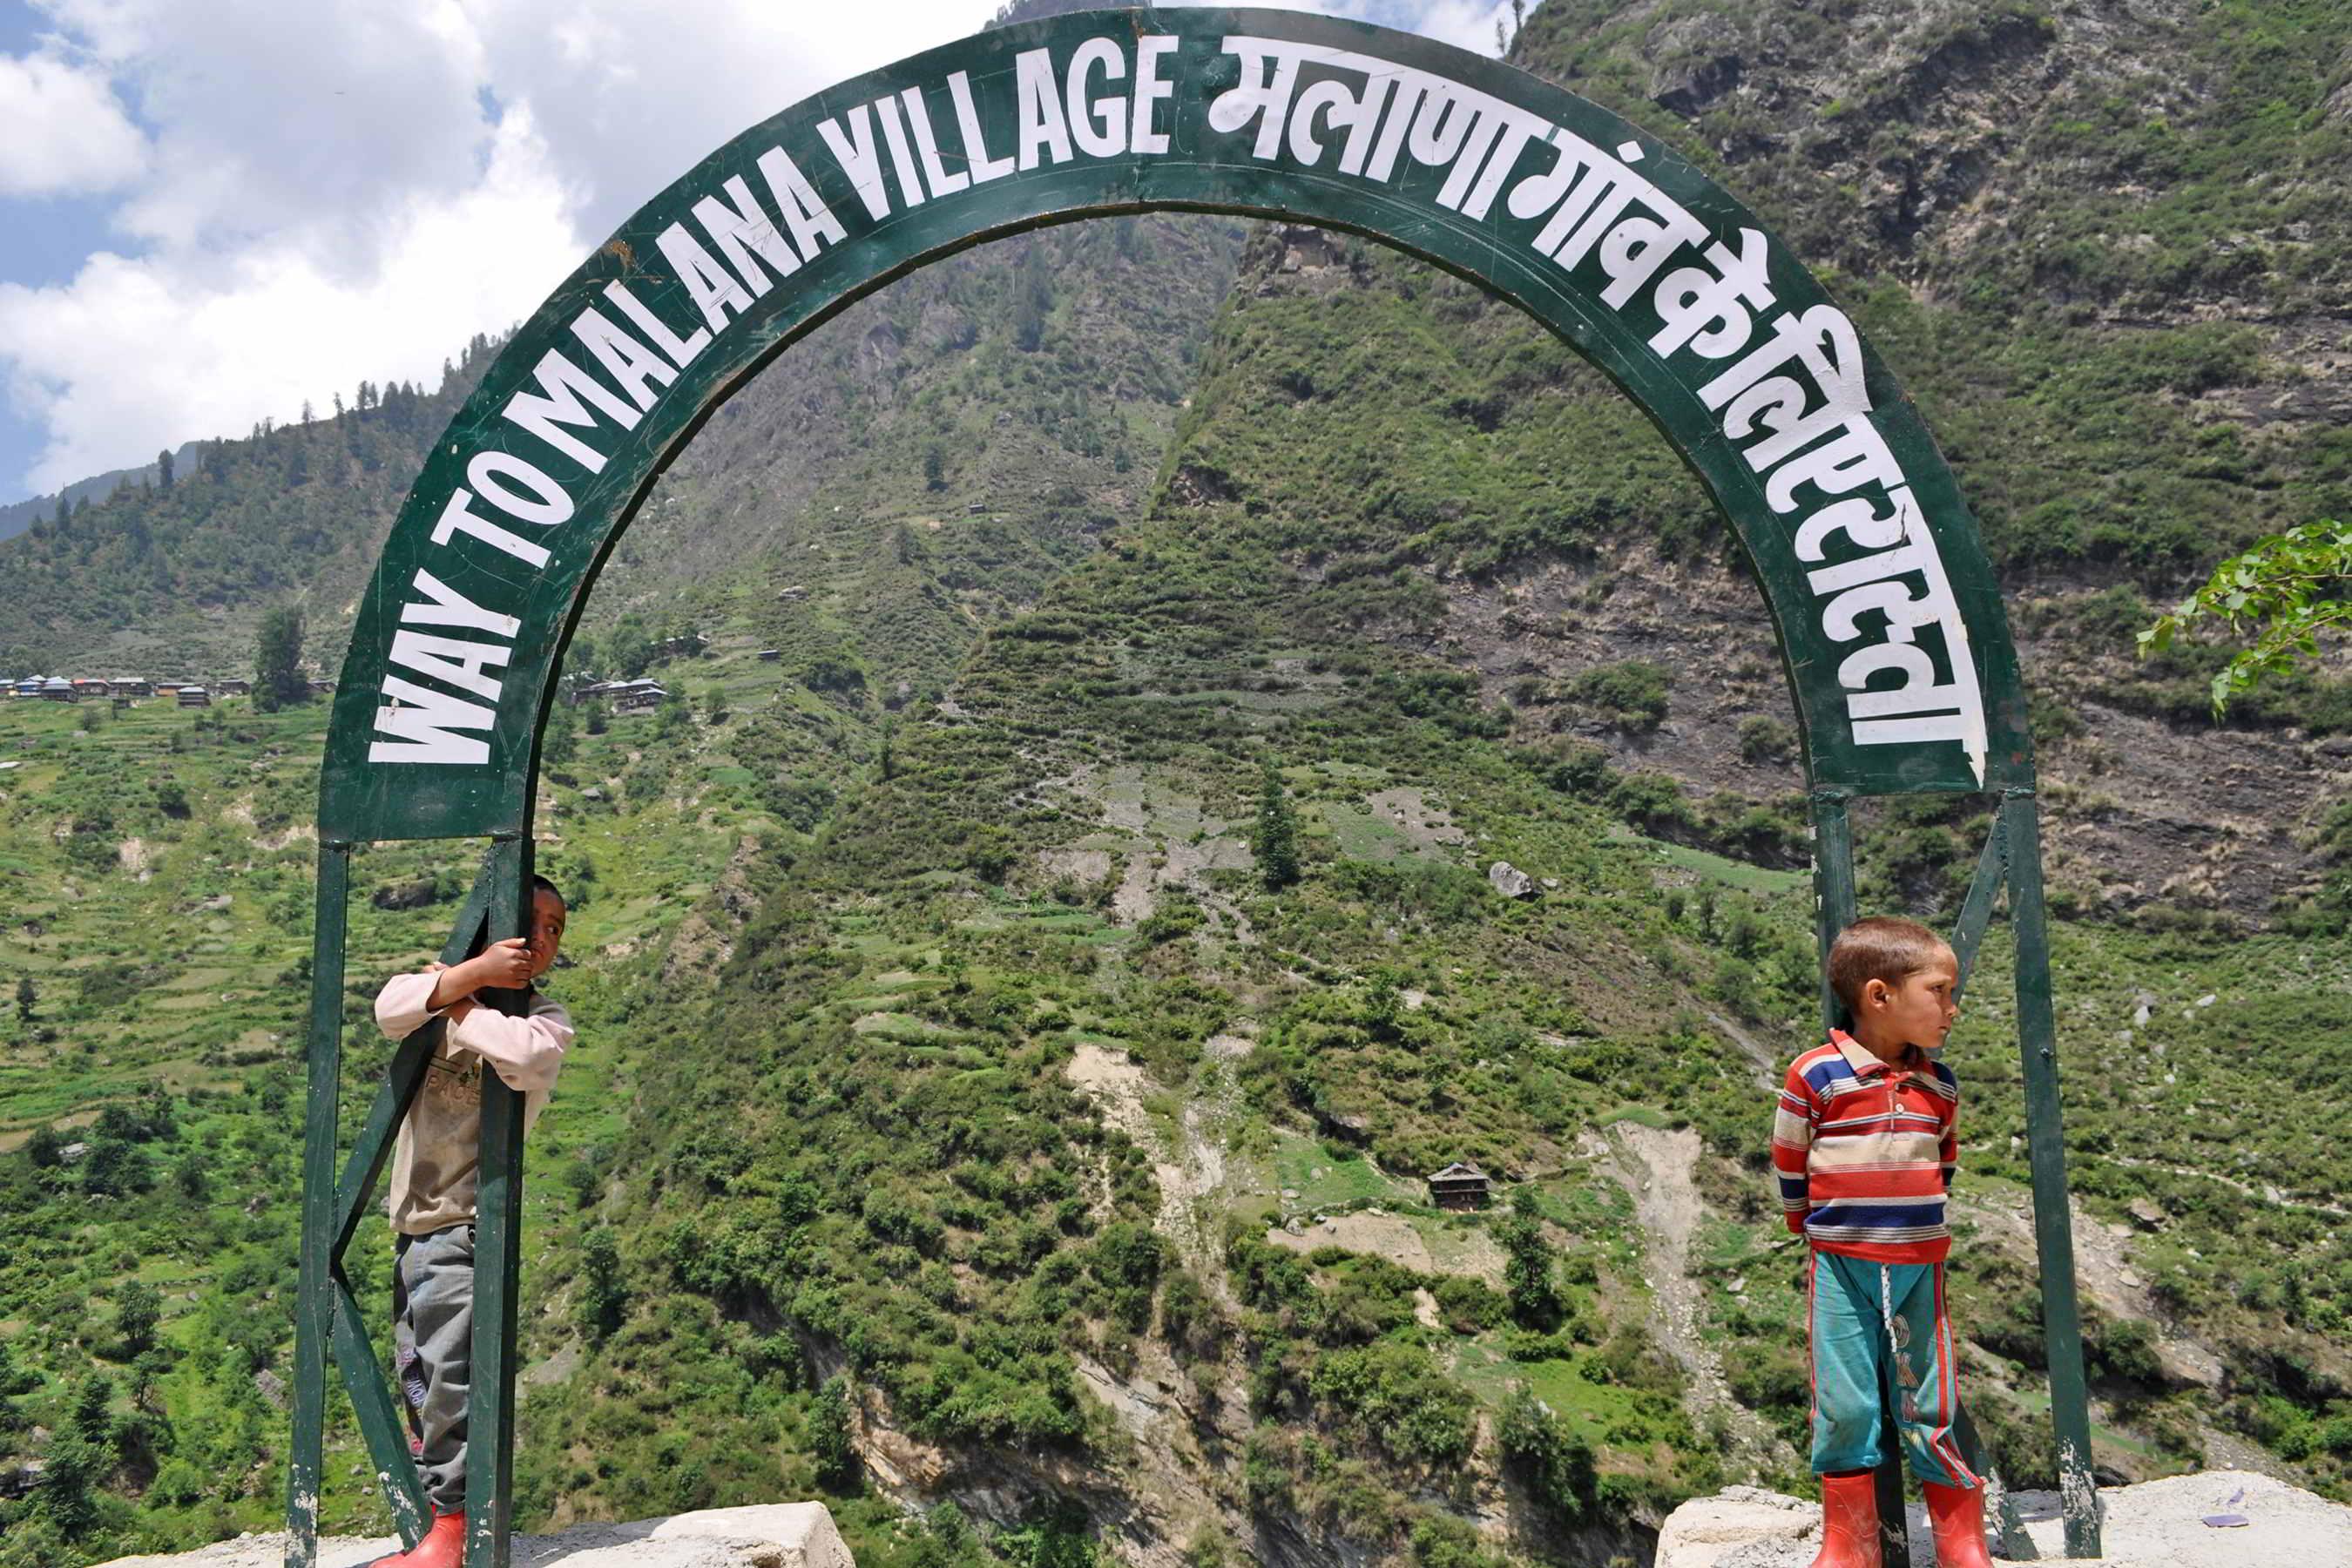 Malana Village एक ऐसा गांव जहां नहीं चलता भारत का कानून